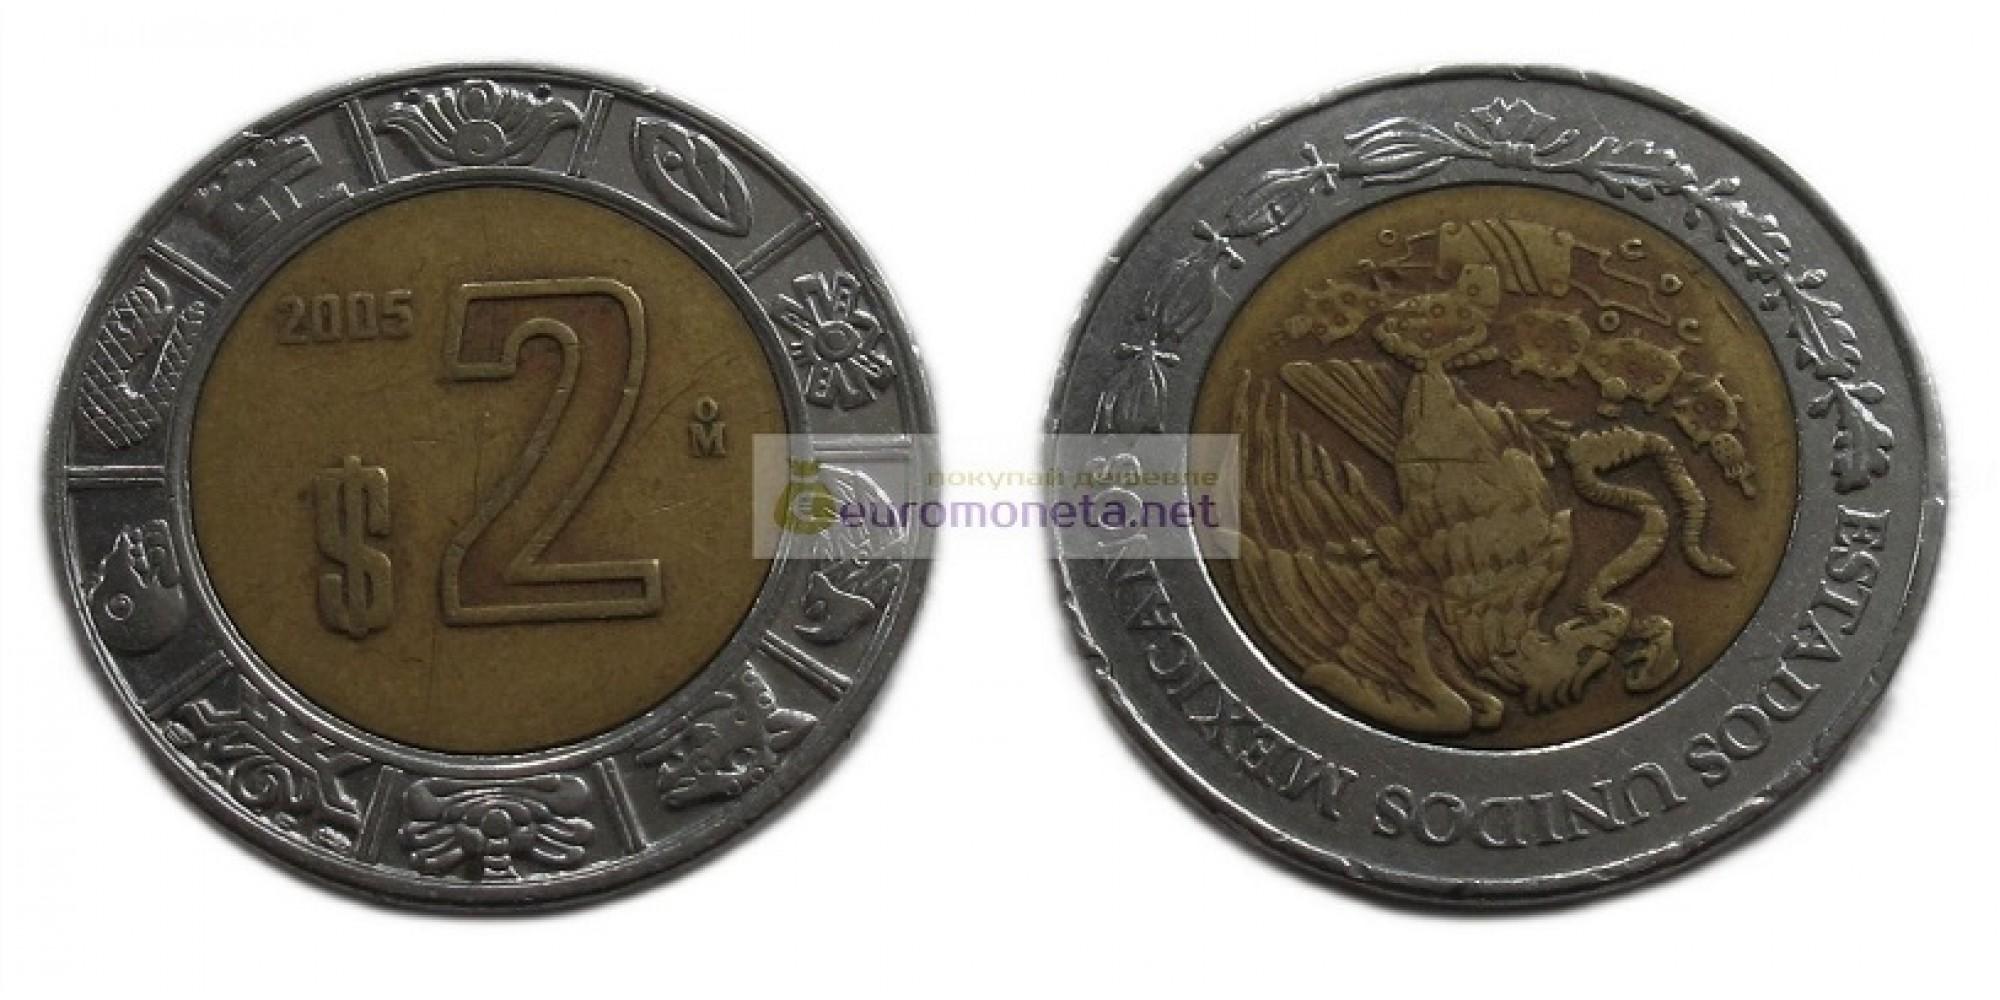 Мексика 1 песо 2005 год. биметалл